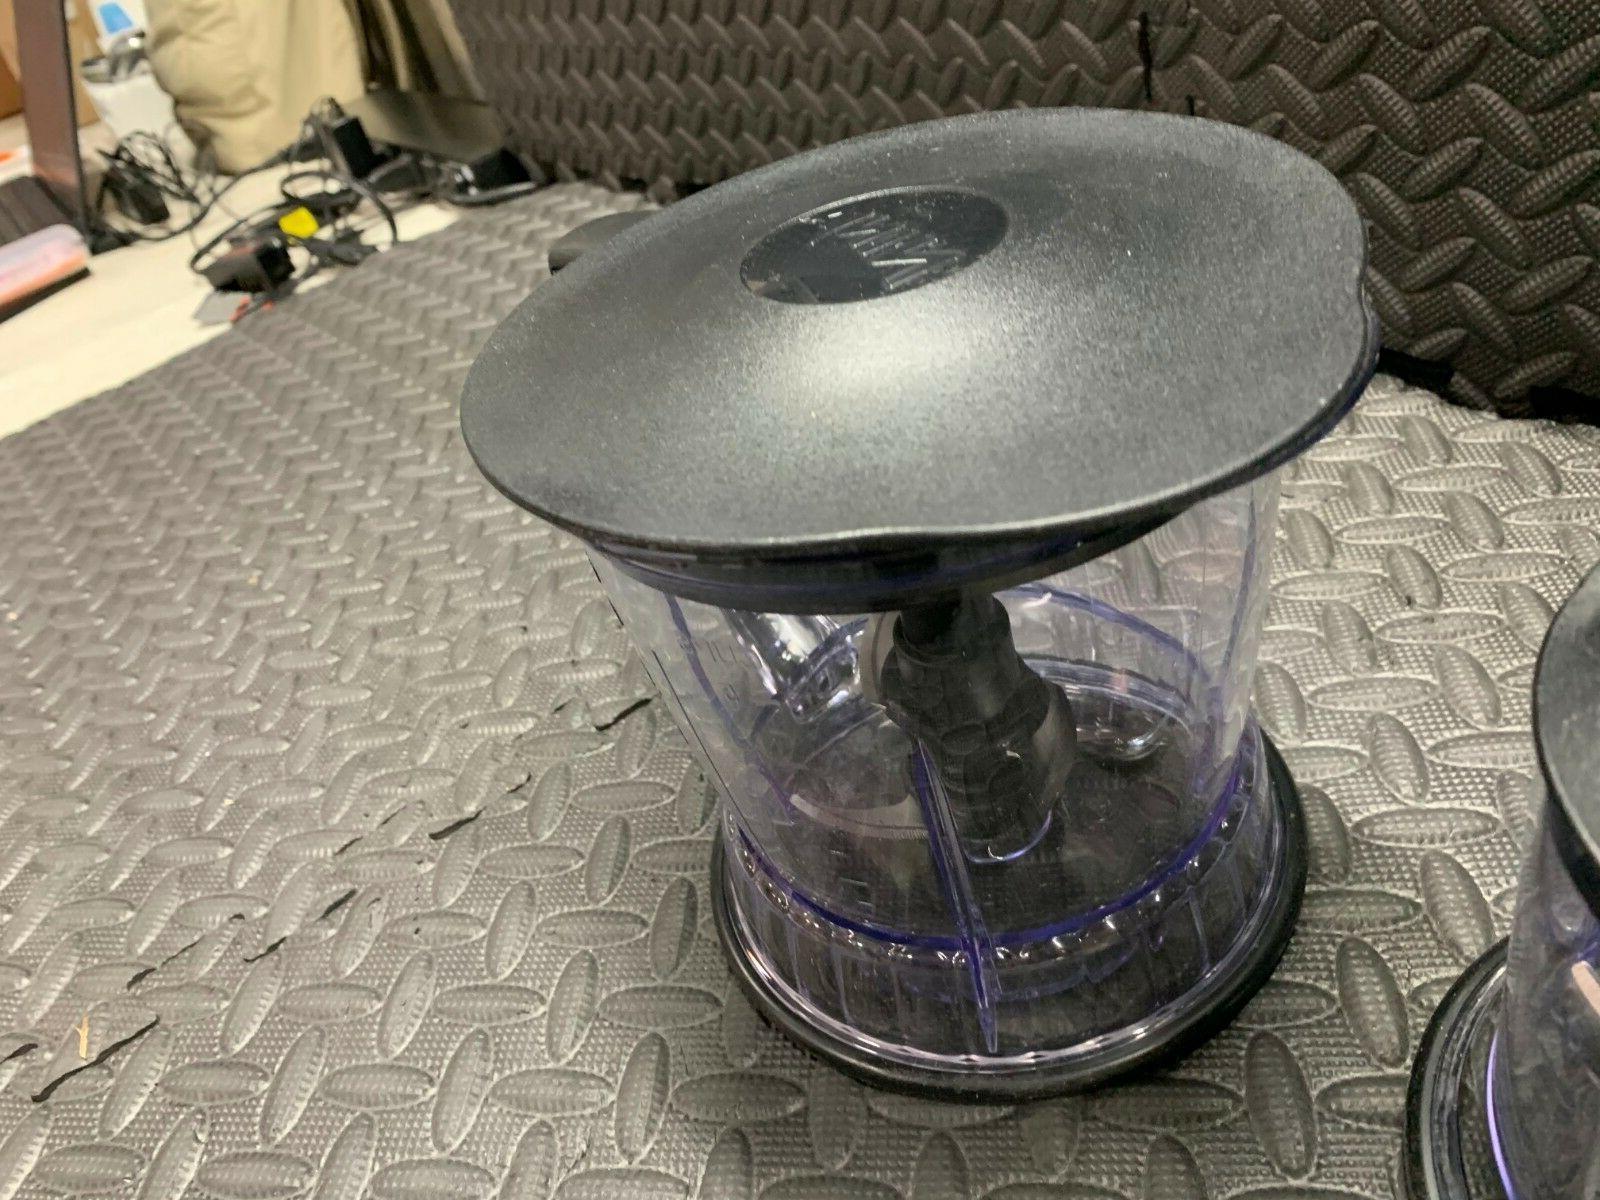 Ninja Blender/Food 450-Watt